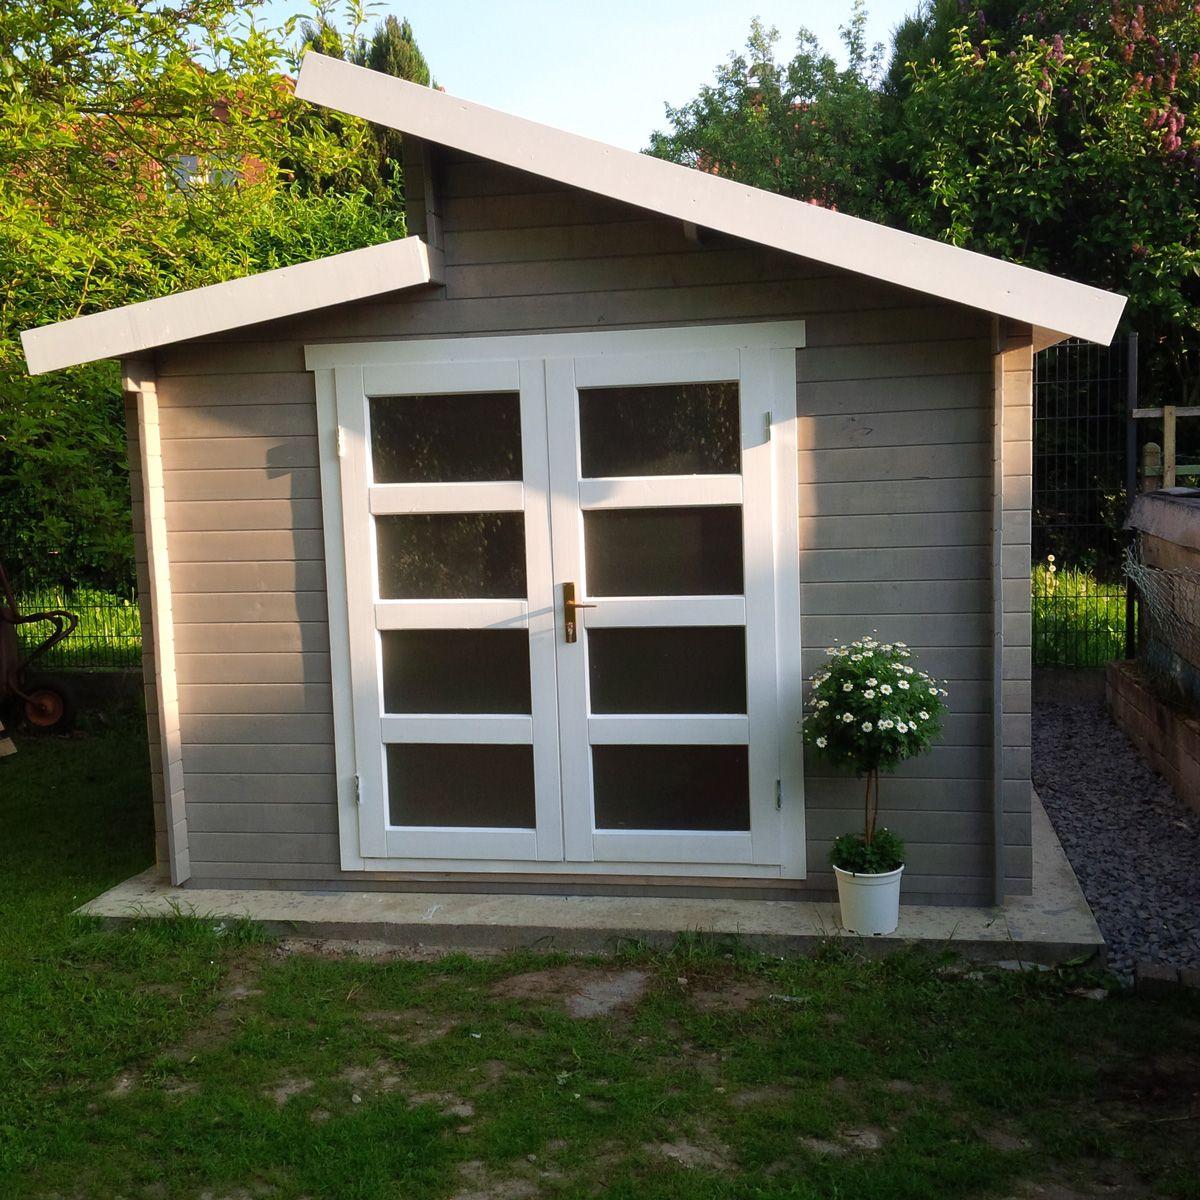 modernes pultdach gartenhaus in hellgrau und wei sheds pinterest. Black Bedroom Furniture Sets. Home Design Ideas